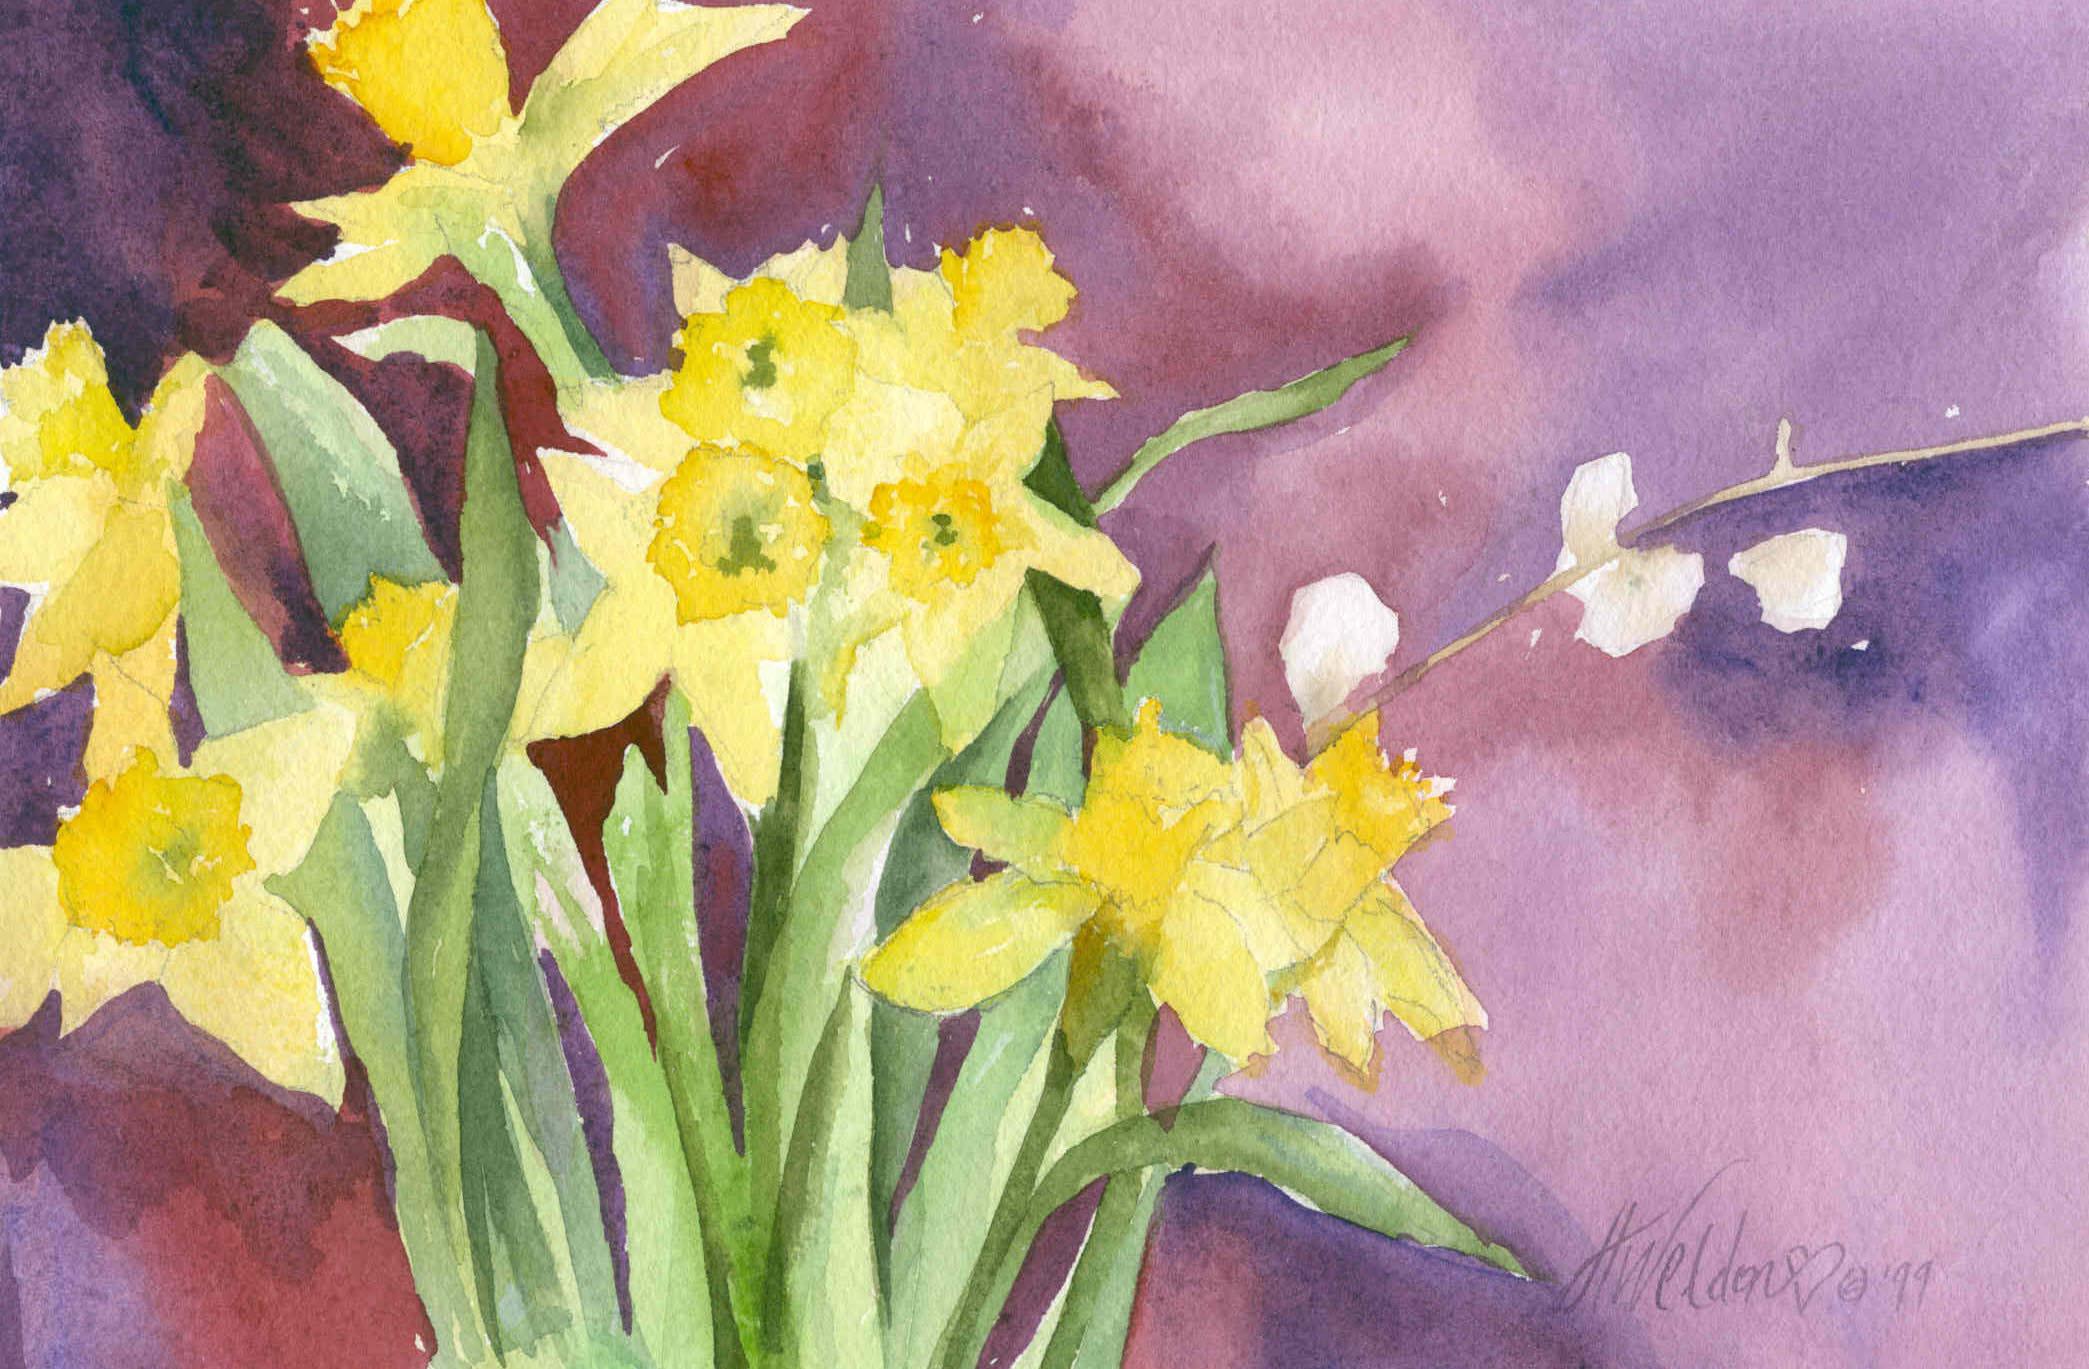 daffodilfx.JPG